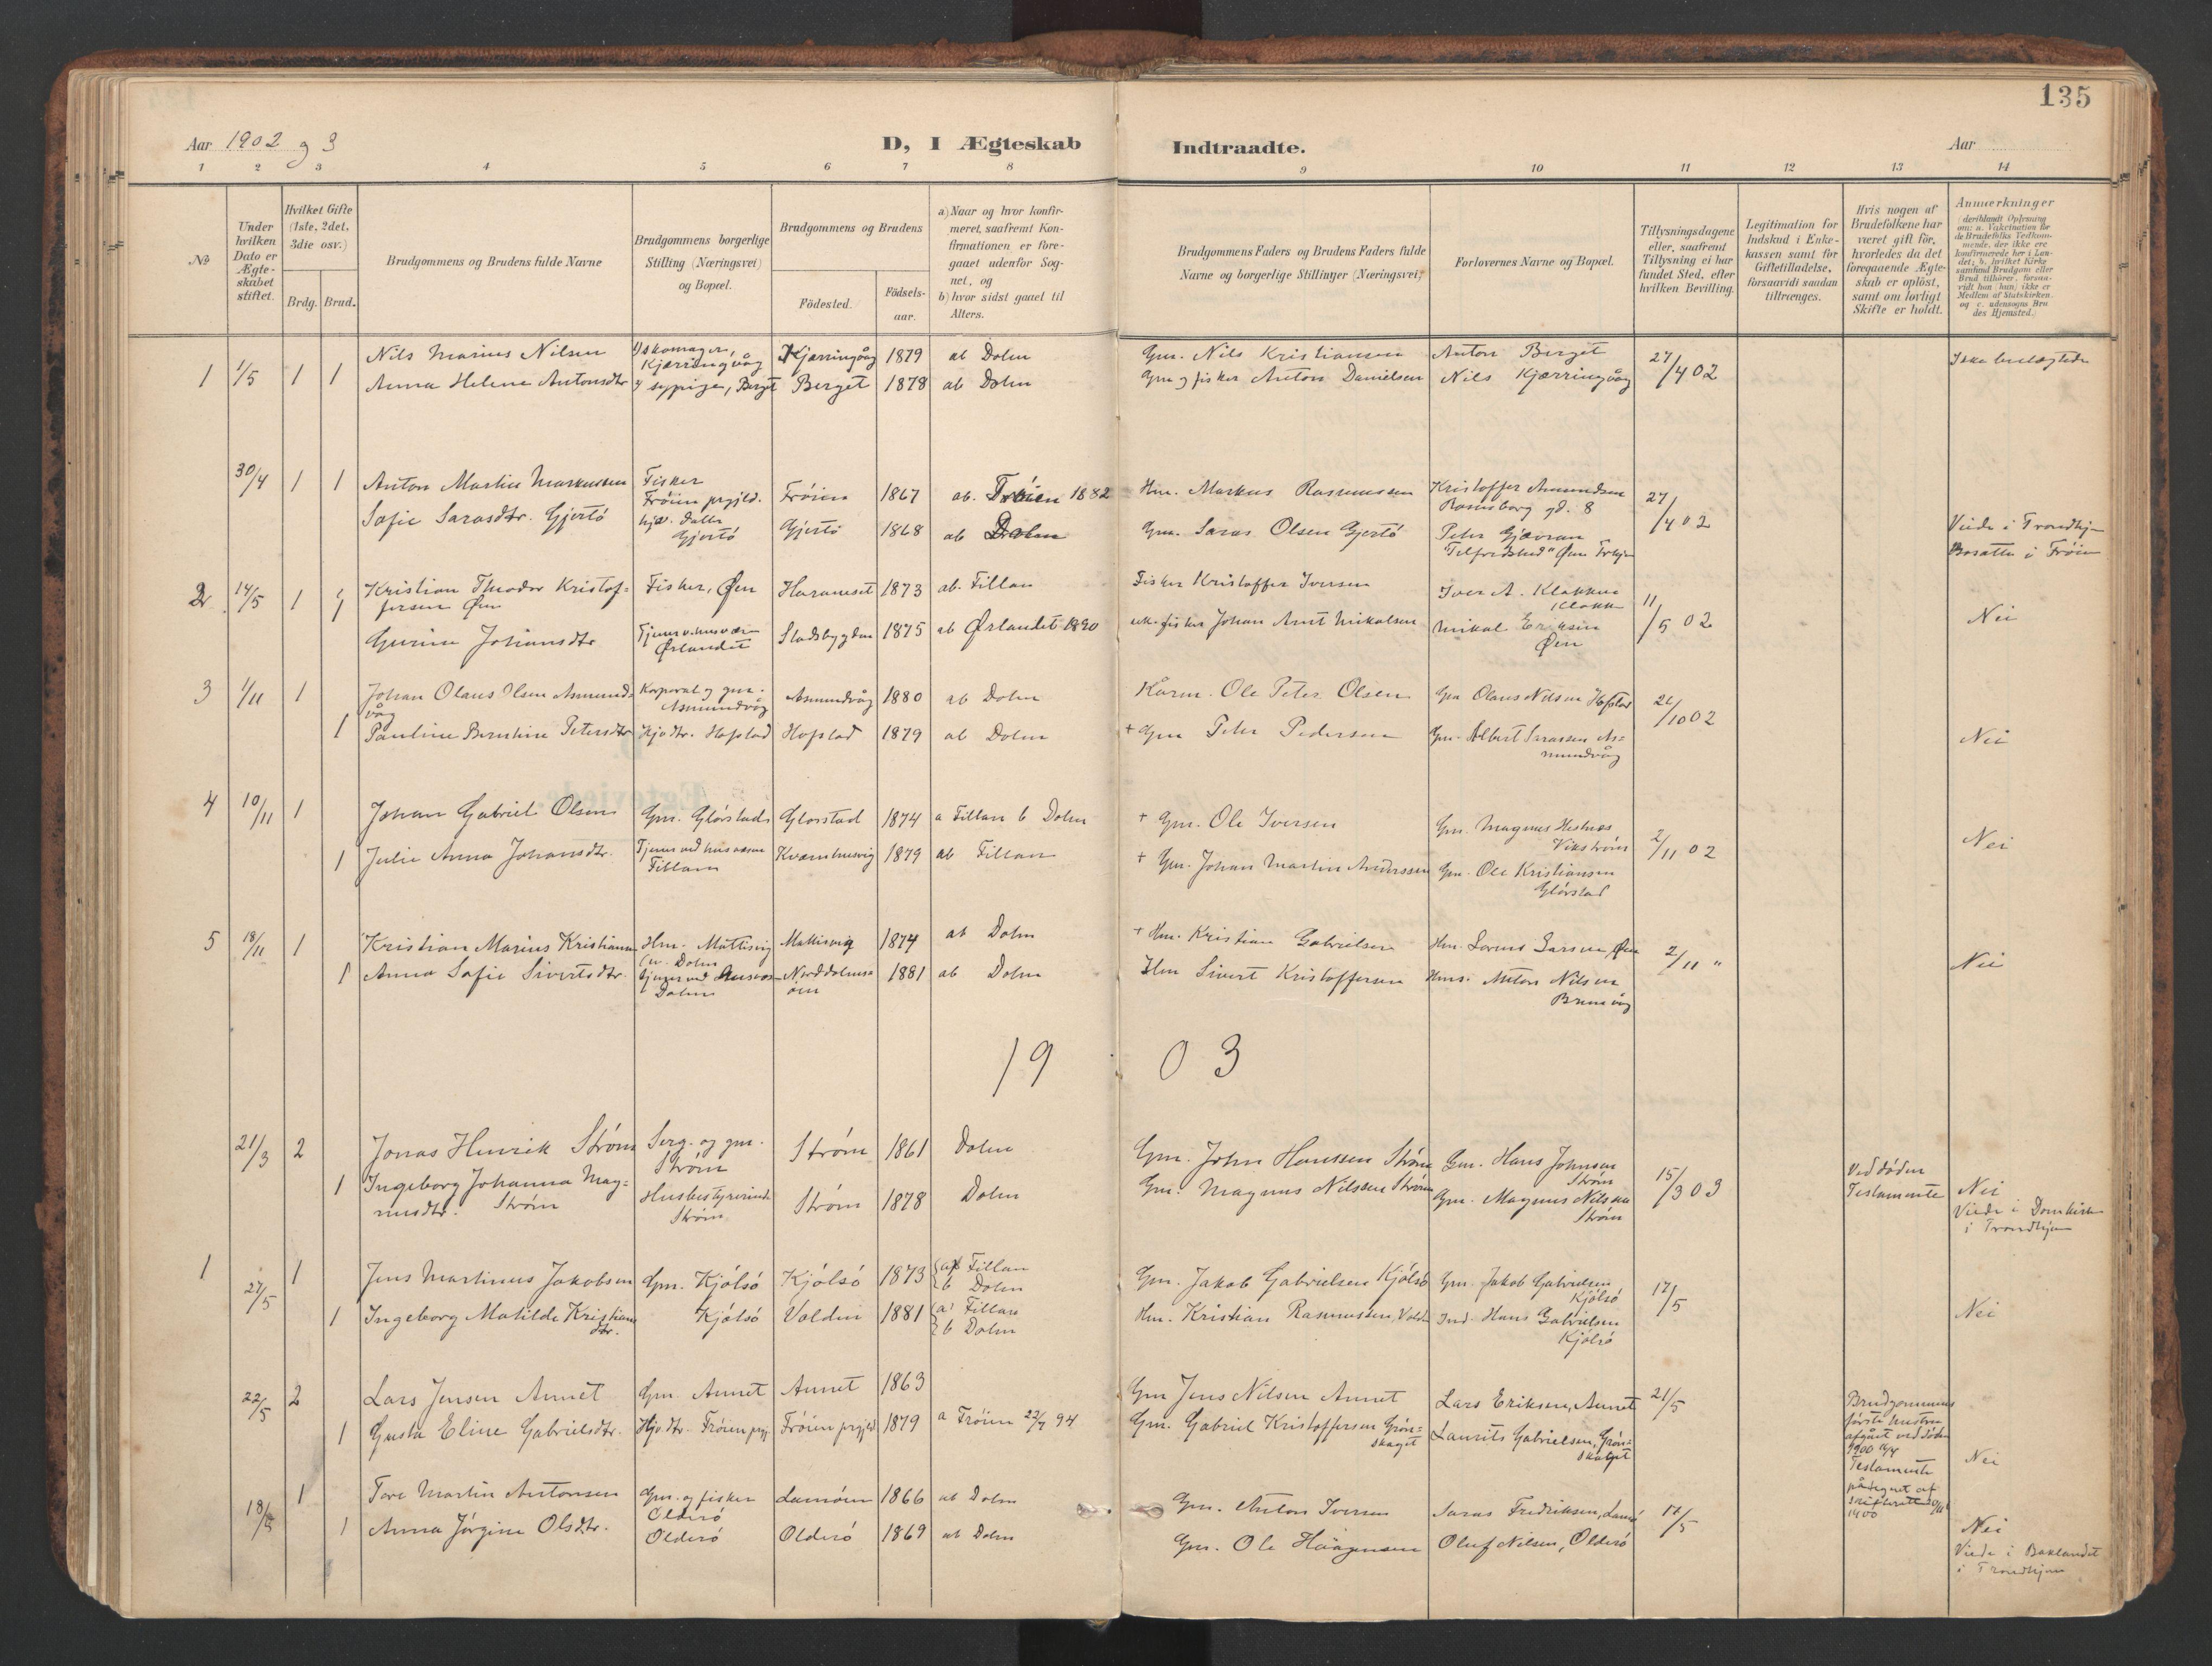 SAT, Ministerialprotokoller, klokkerbøker og fødselsregistre - Sør-Trøndelag, 634/L0537: Ministerialbok nr. 634A13, 1896-1922, s. 135